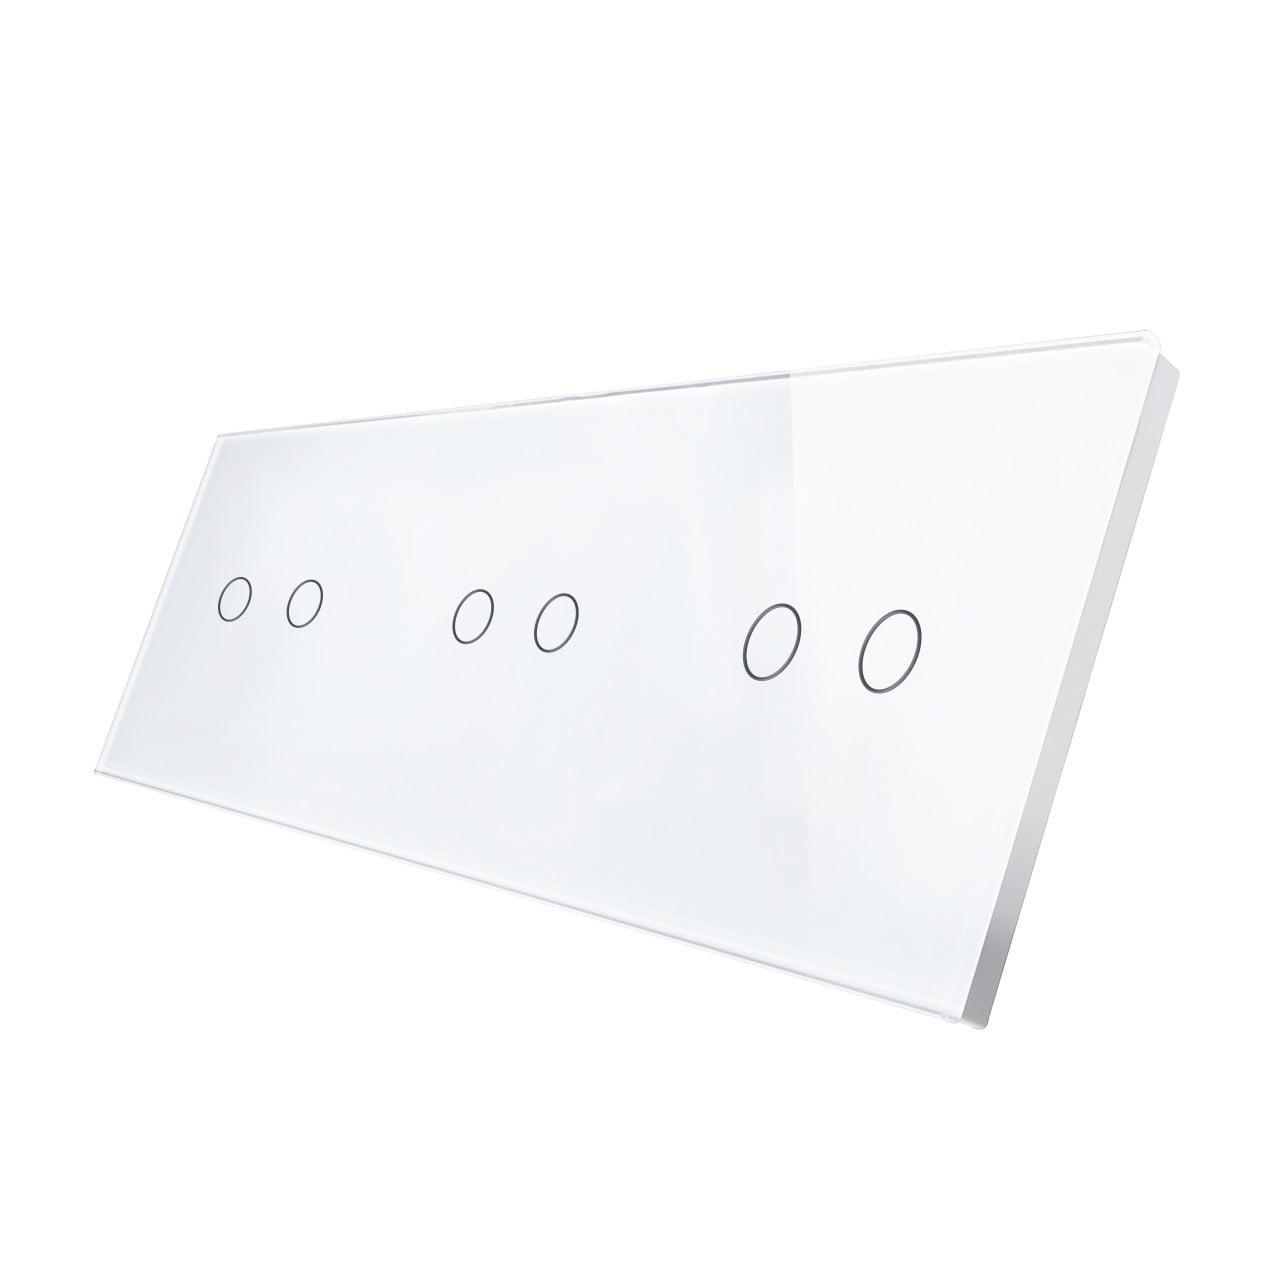 Panou intrerupator touch dublu + dublu + dublu din sticla Smart Home